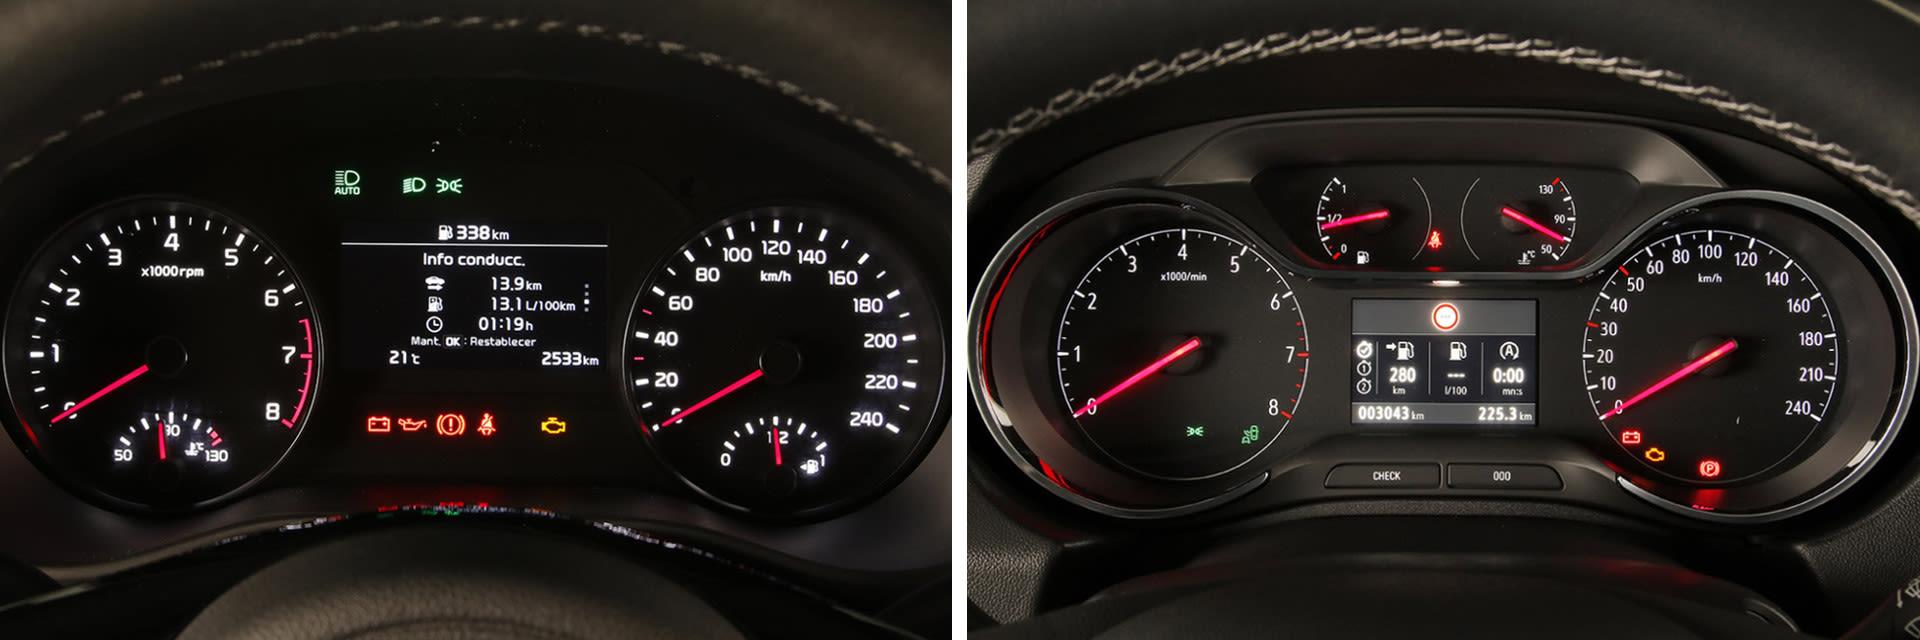 La instrumentación del KIA (izq.) lleva dos esferas y una pantalla en el centro; la del Opel (dcha.) muestra cuatro esferas y una pantalla central.